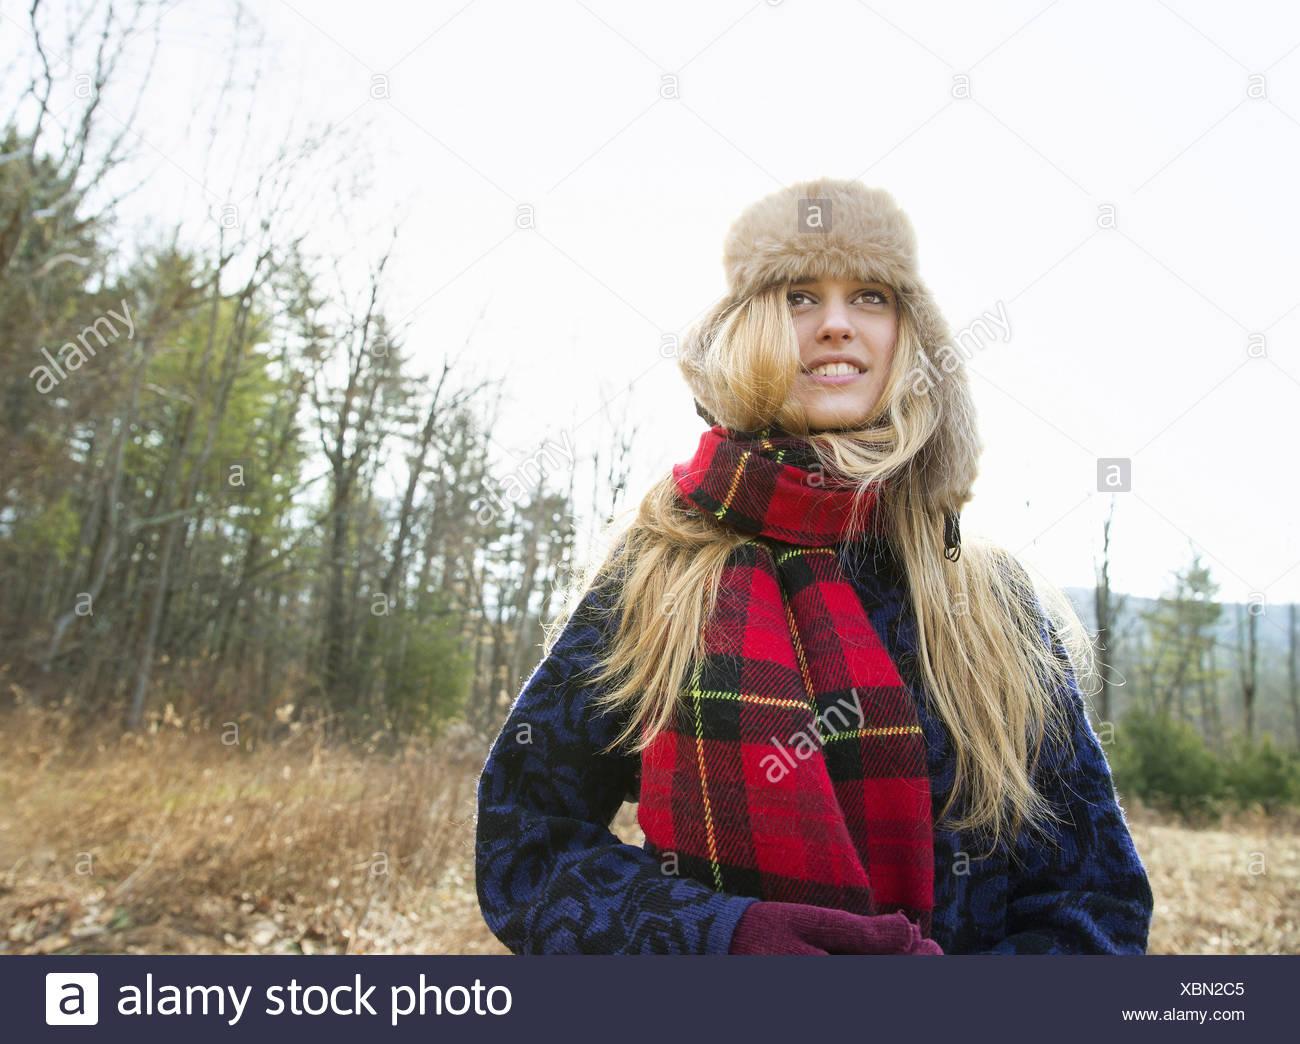 Una mujer en un ambiente cálido y peludo y un sombrero rojo grande tartan bufandas afuera en el invierno Imagen De Stock